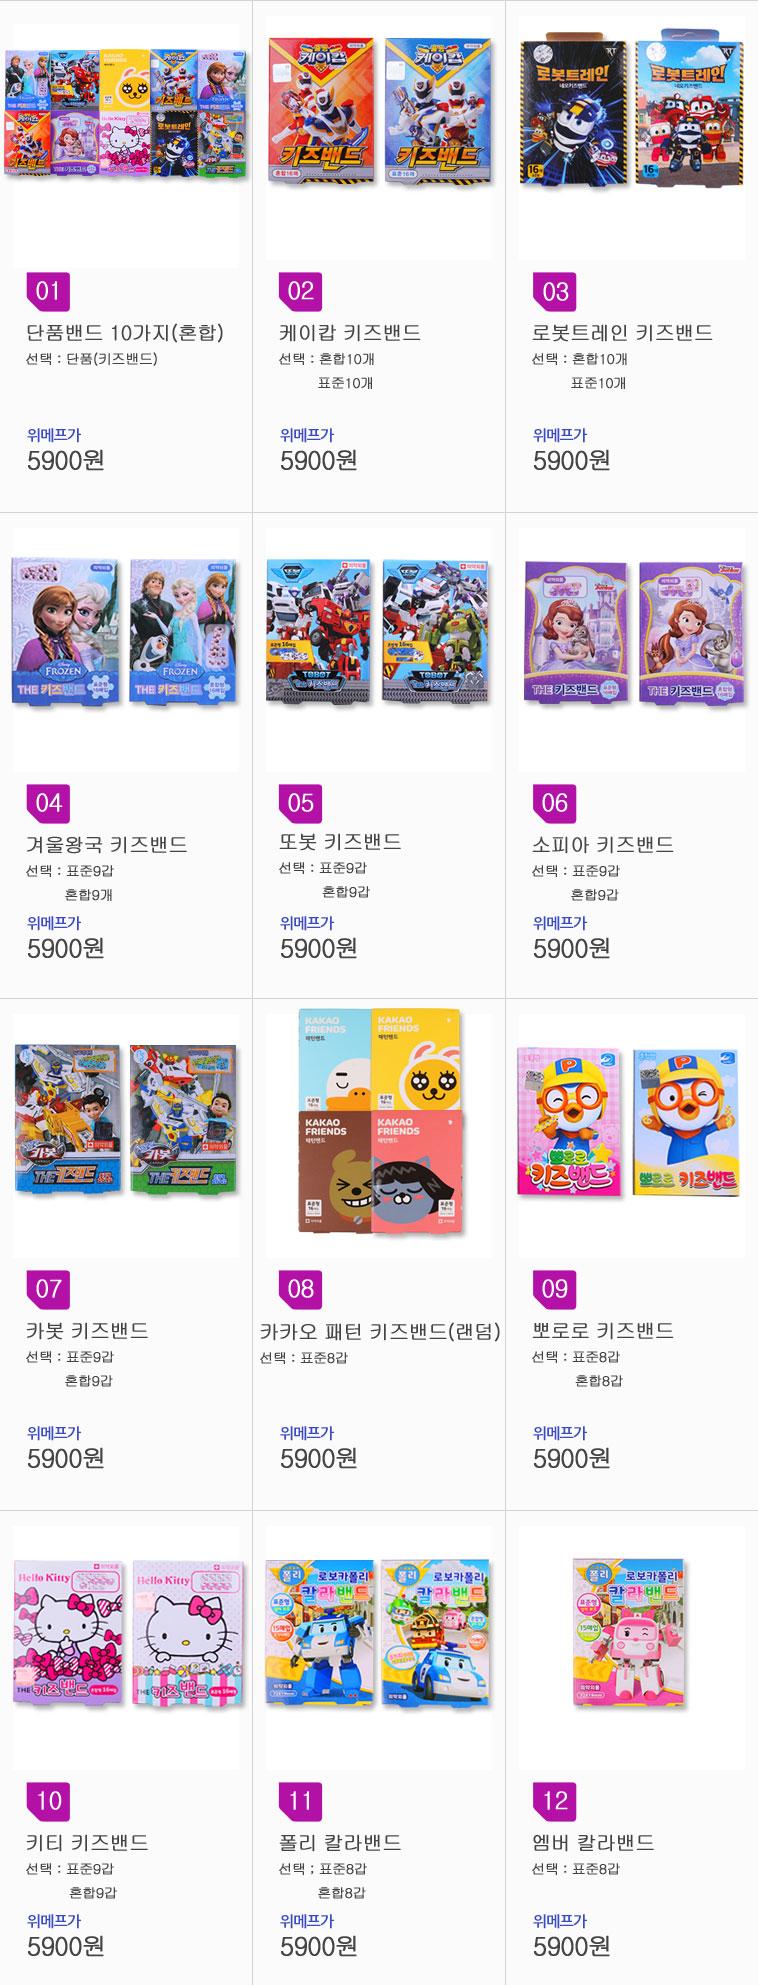 [명예의전당] 무료배송 키즈밴드10갑 - 상세정보